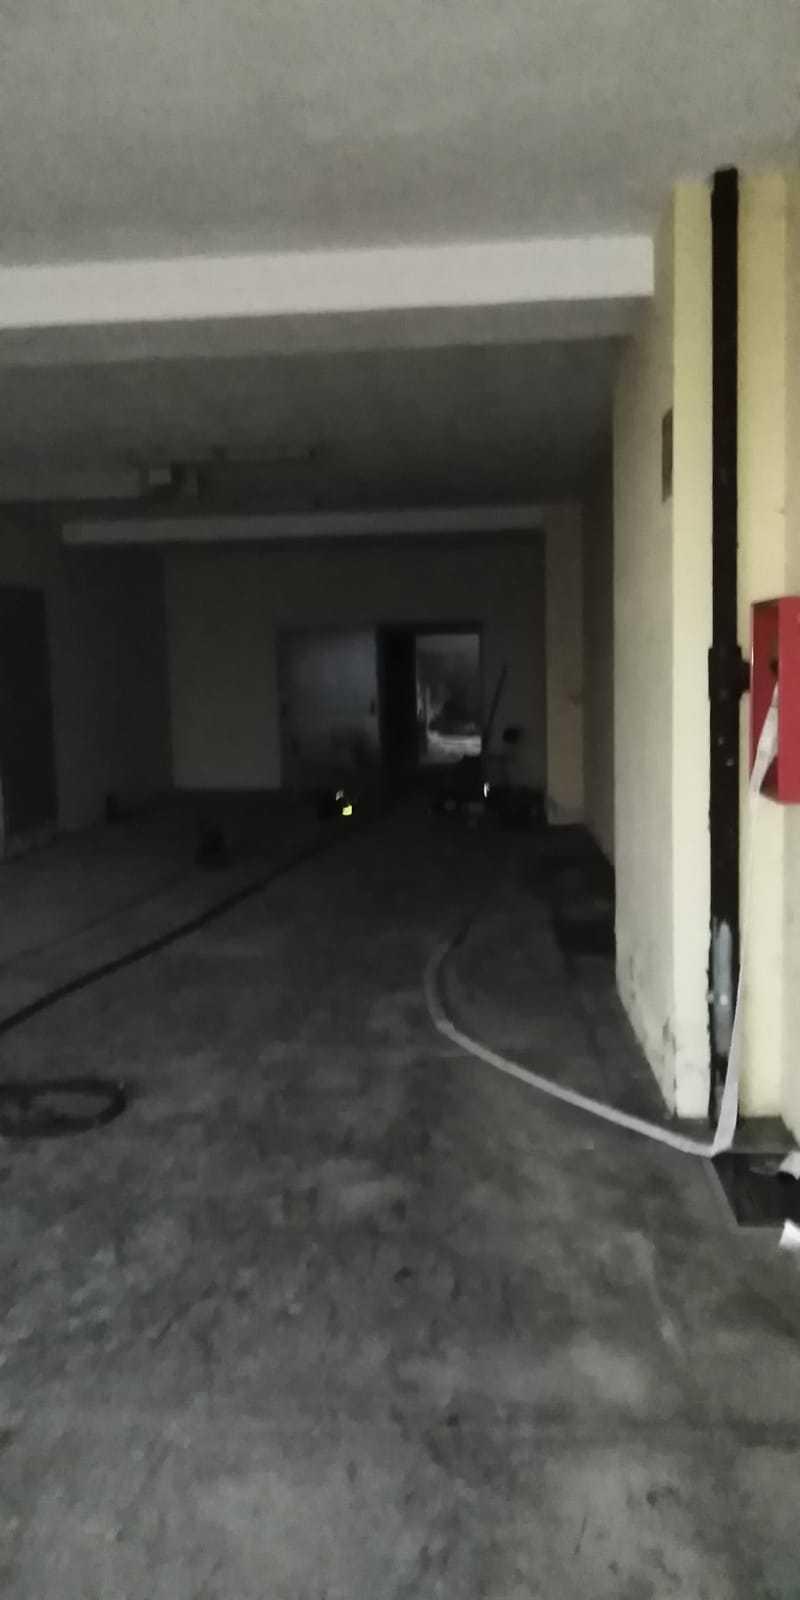 Incendio Berardi melfi